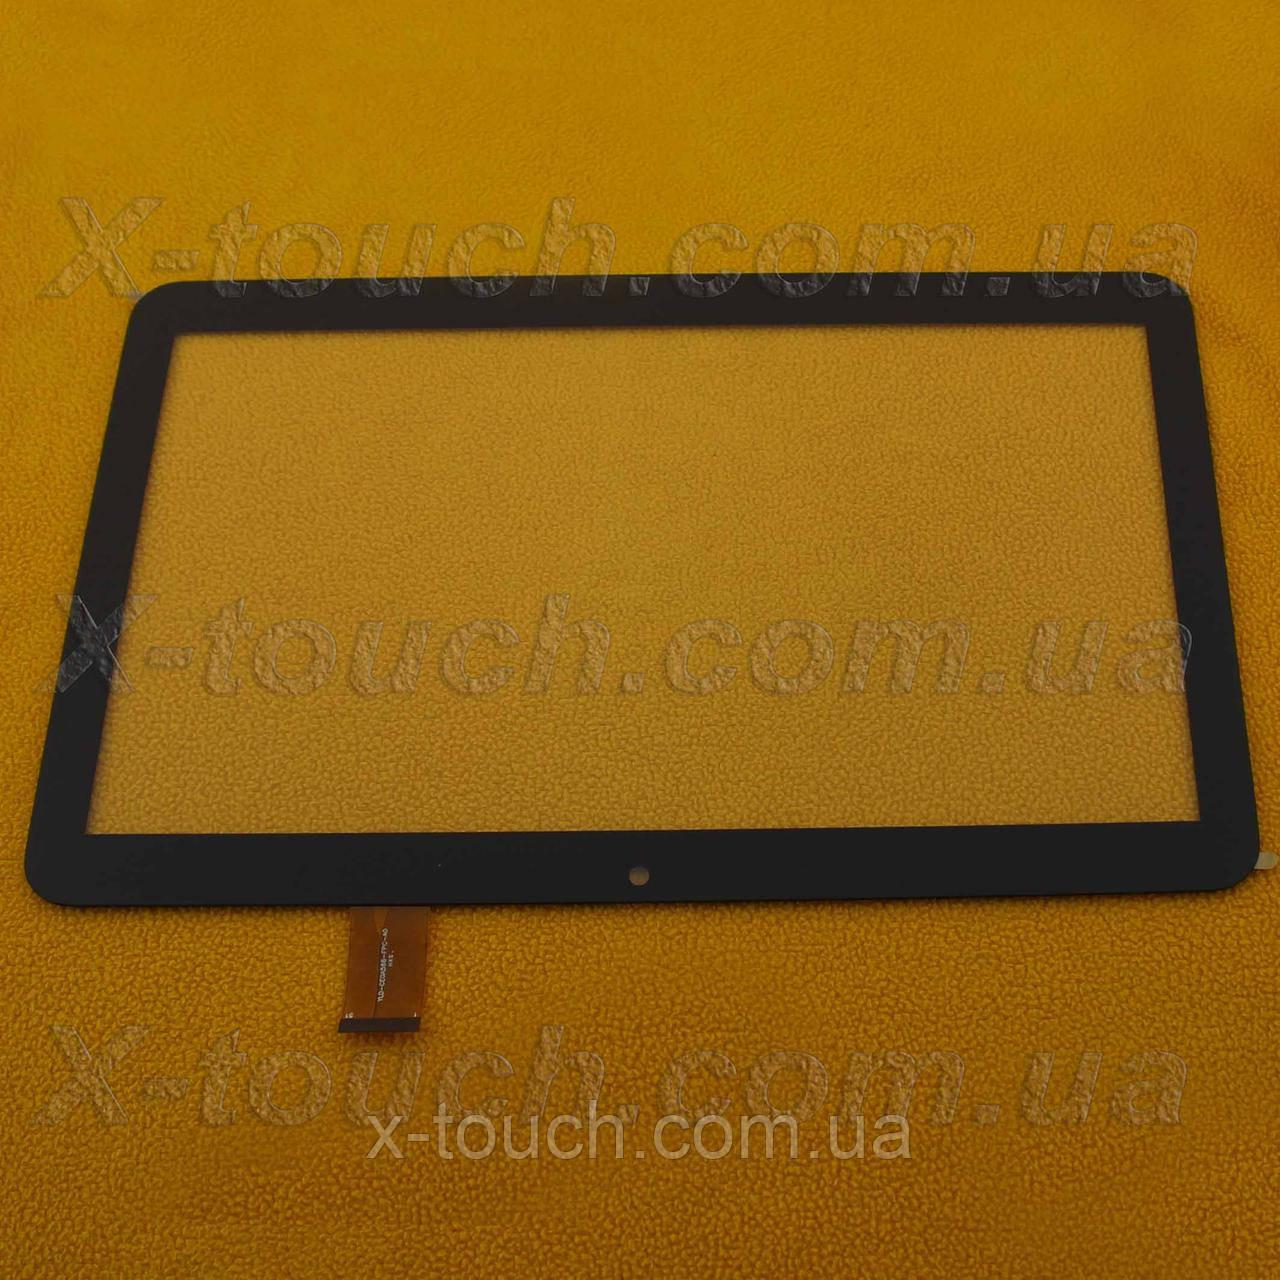 Тачскрин, сенсор YLD-CEGA566-FPC-A0 для планшета